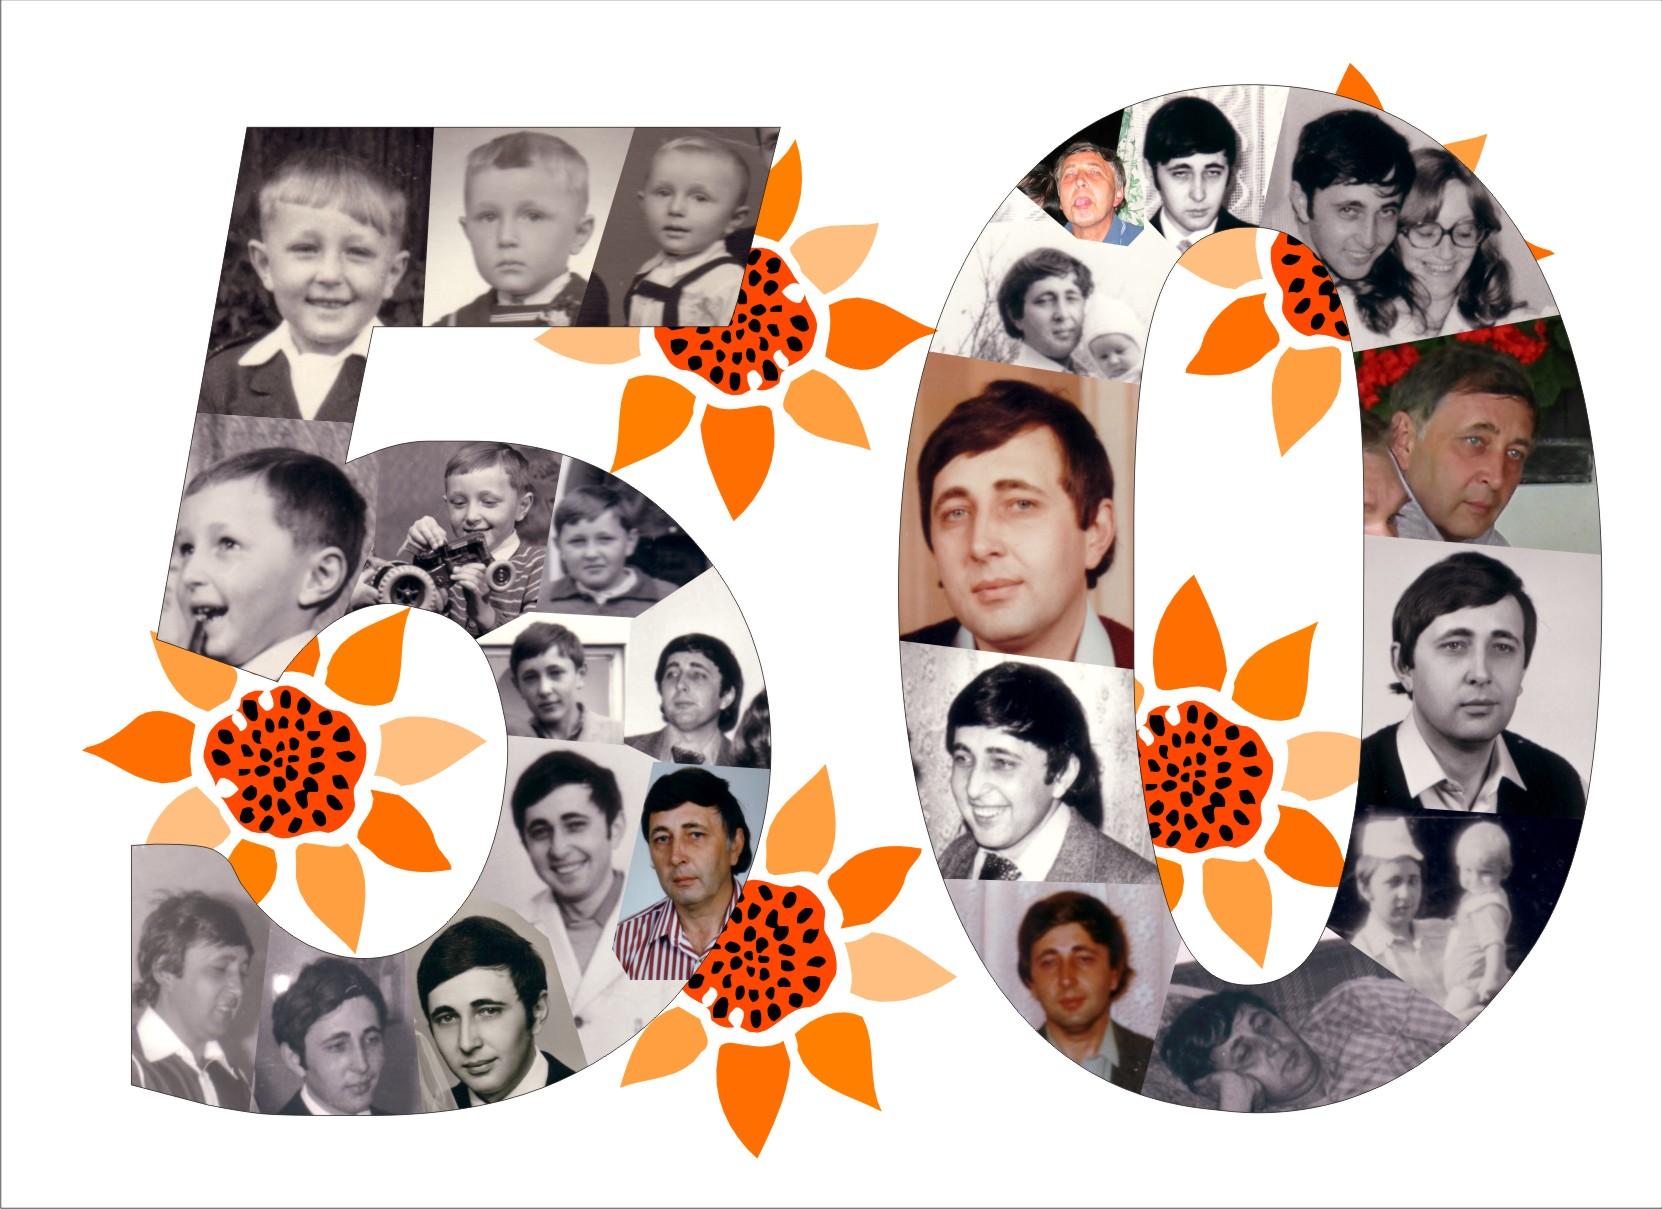 oslava 50 narozenin nápady Heky.cz | Vychytávky | číslice z fotek Archivy   Heky.cz | Vychytávky oslava 50 narozenin nápady